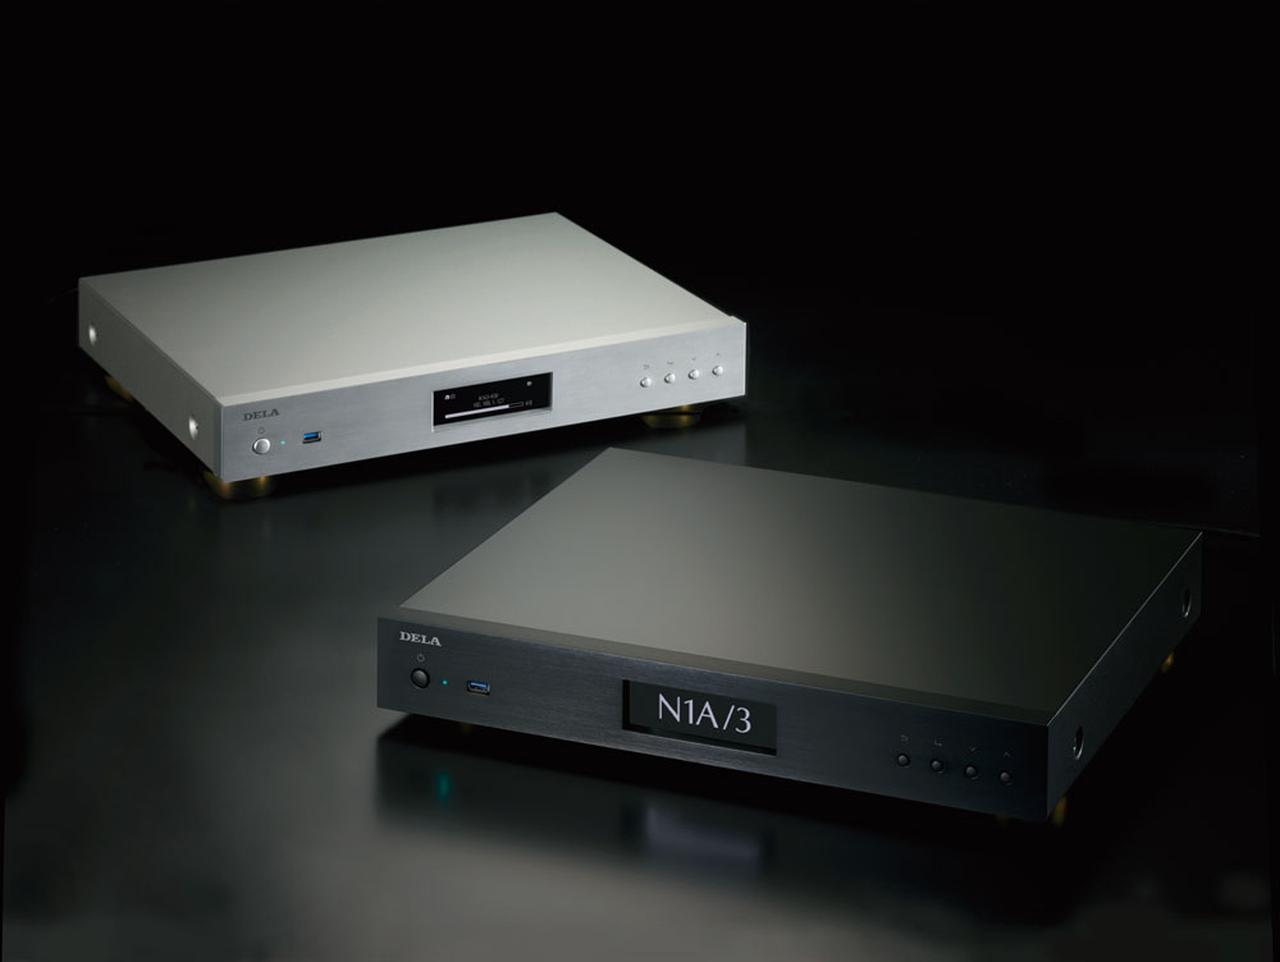 画像: DELA、ハイレゾ対応デジタルミュージック・ライブラリー「N1/3」シリーズ、ネットワークスイッチ「S100」を発表。SSDモデル「N1Z/3-S40」では4TB SSDを搭載し、ブラック仕様もラインナップ - Stereo Sound ONLINE